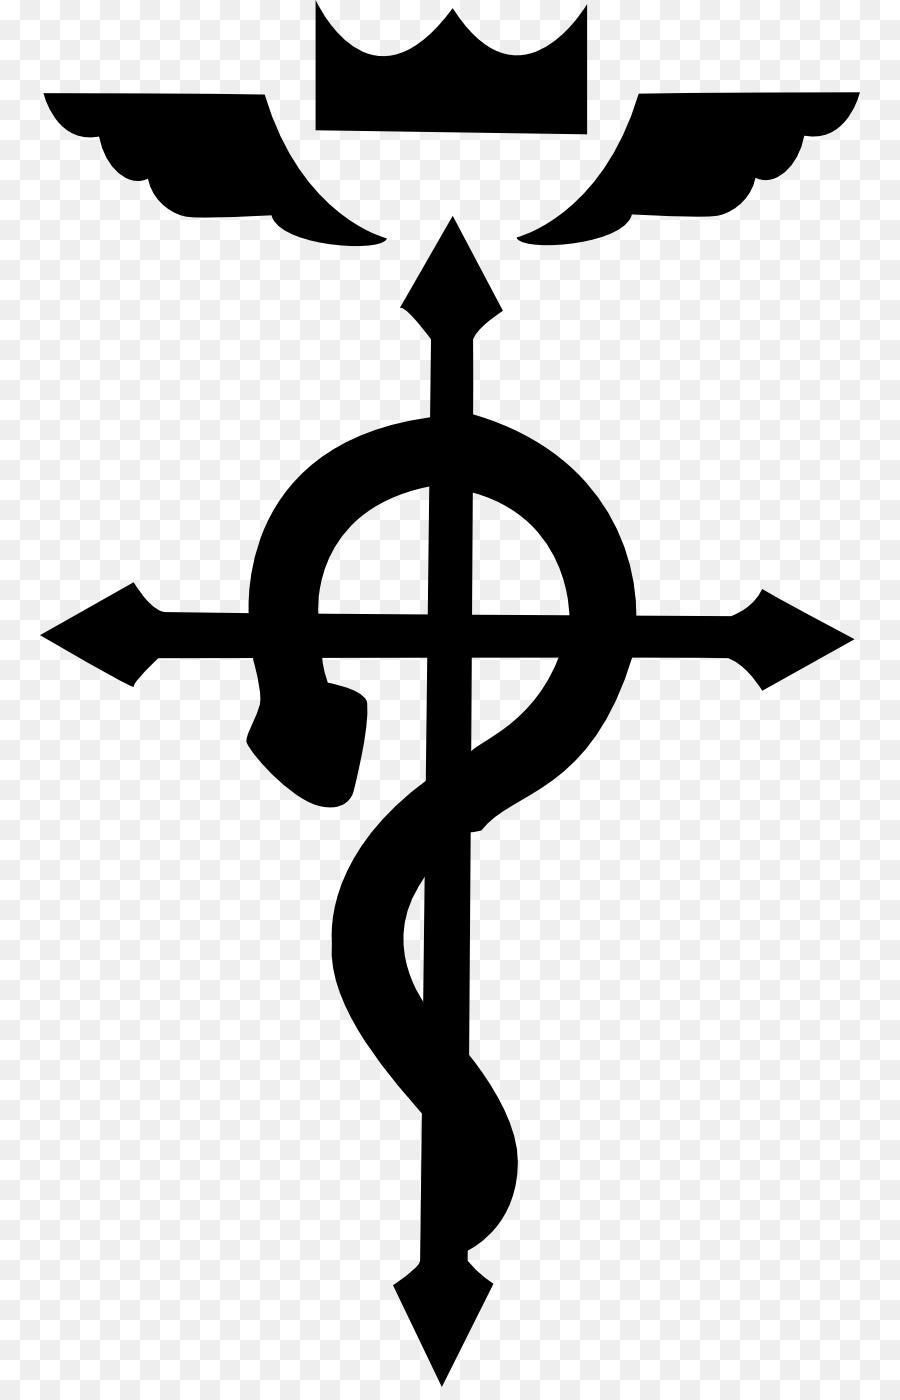 Edward Elric Fullmetal Alchemist Symbol Alchemy Homunculus